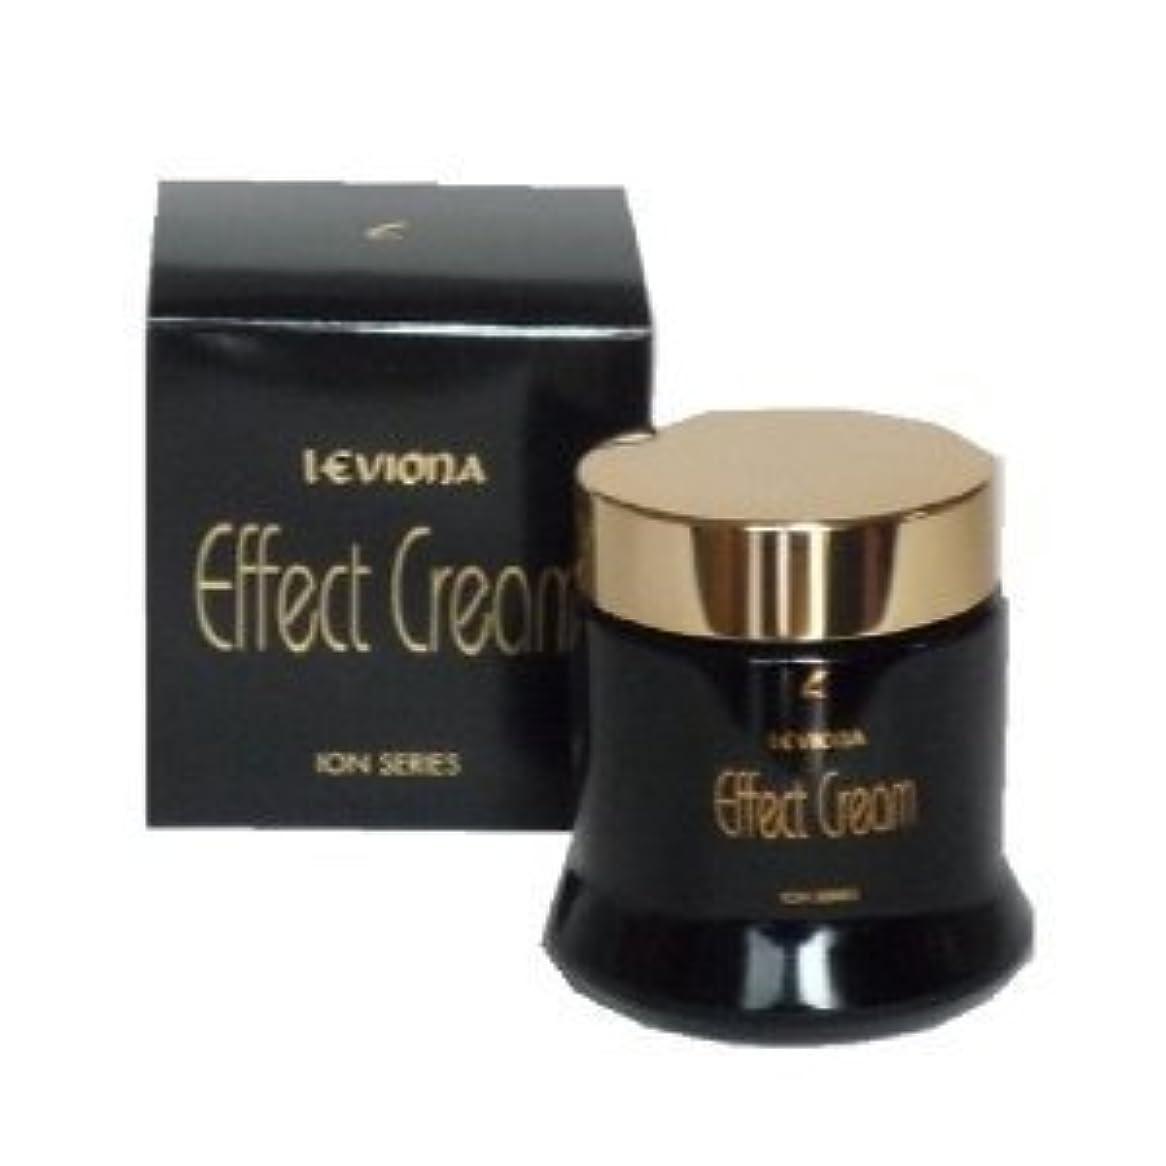 石炭チャット報復レビオナ化粧品エフェクトクリーム天然イオン配合